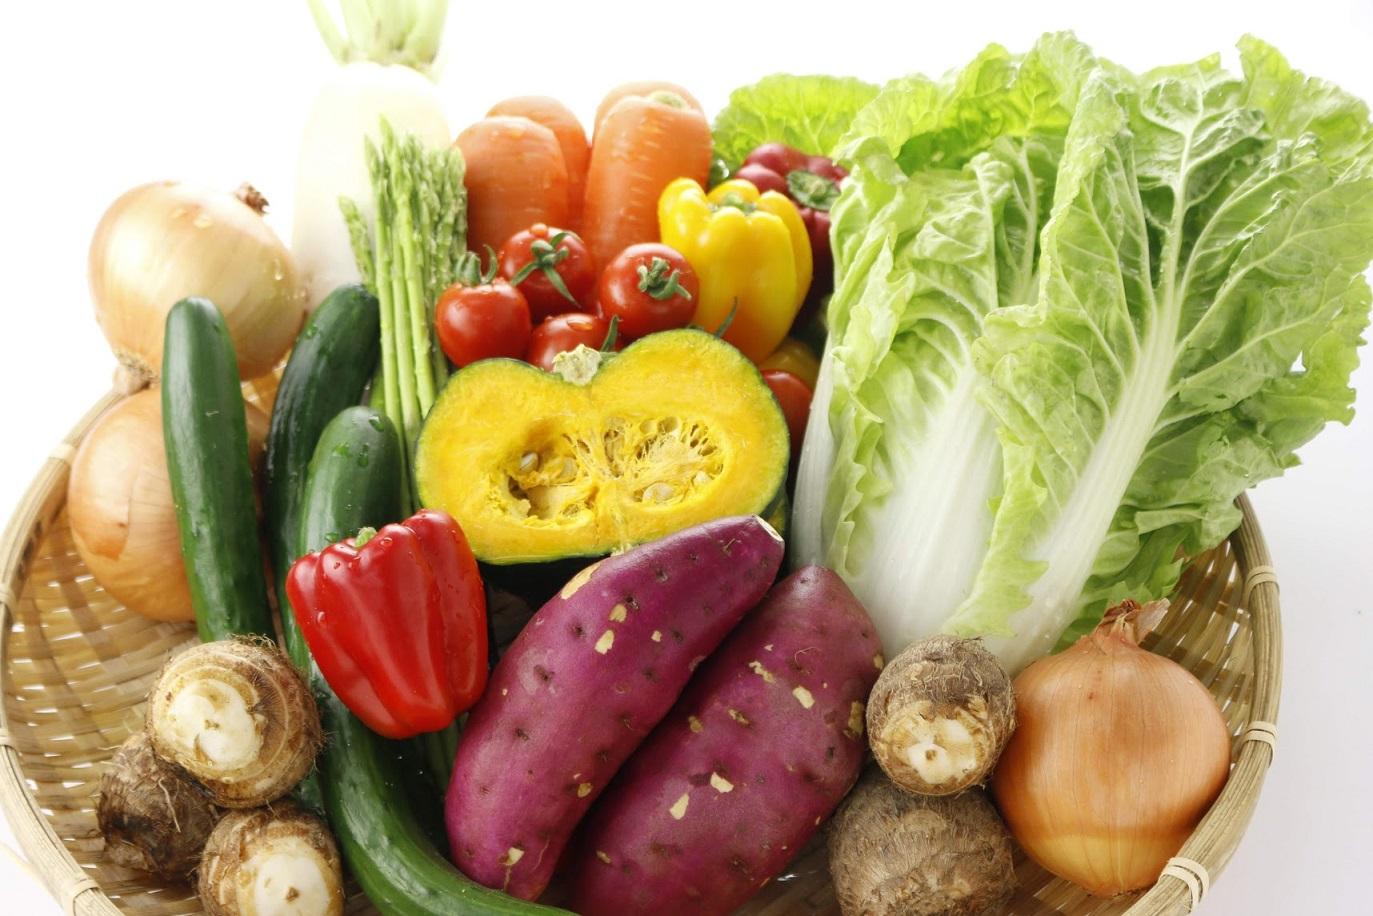 【ふるさと納税】旬の野菜便(定期便) 野菜10~12品×3回発送 【養生市場】